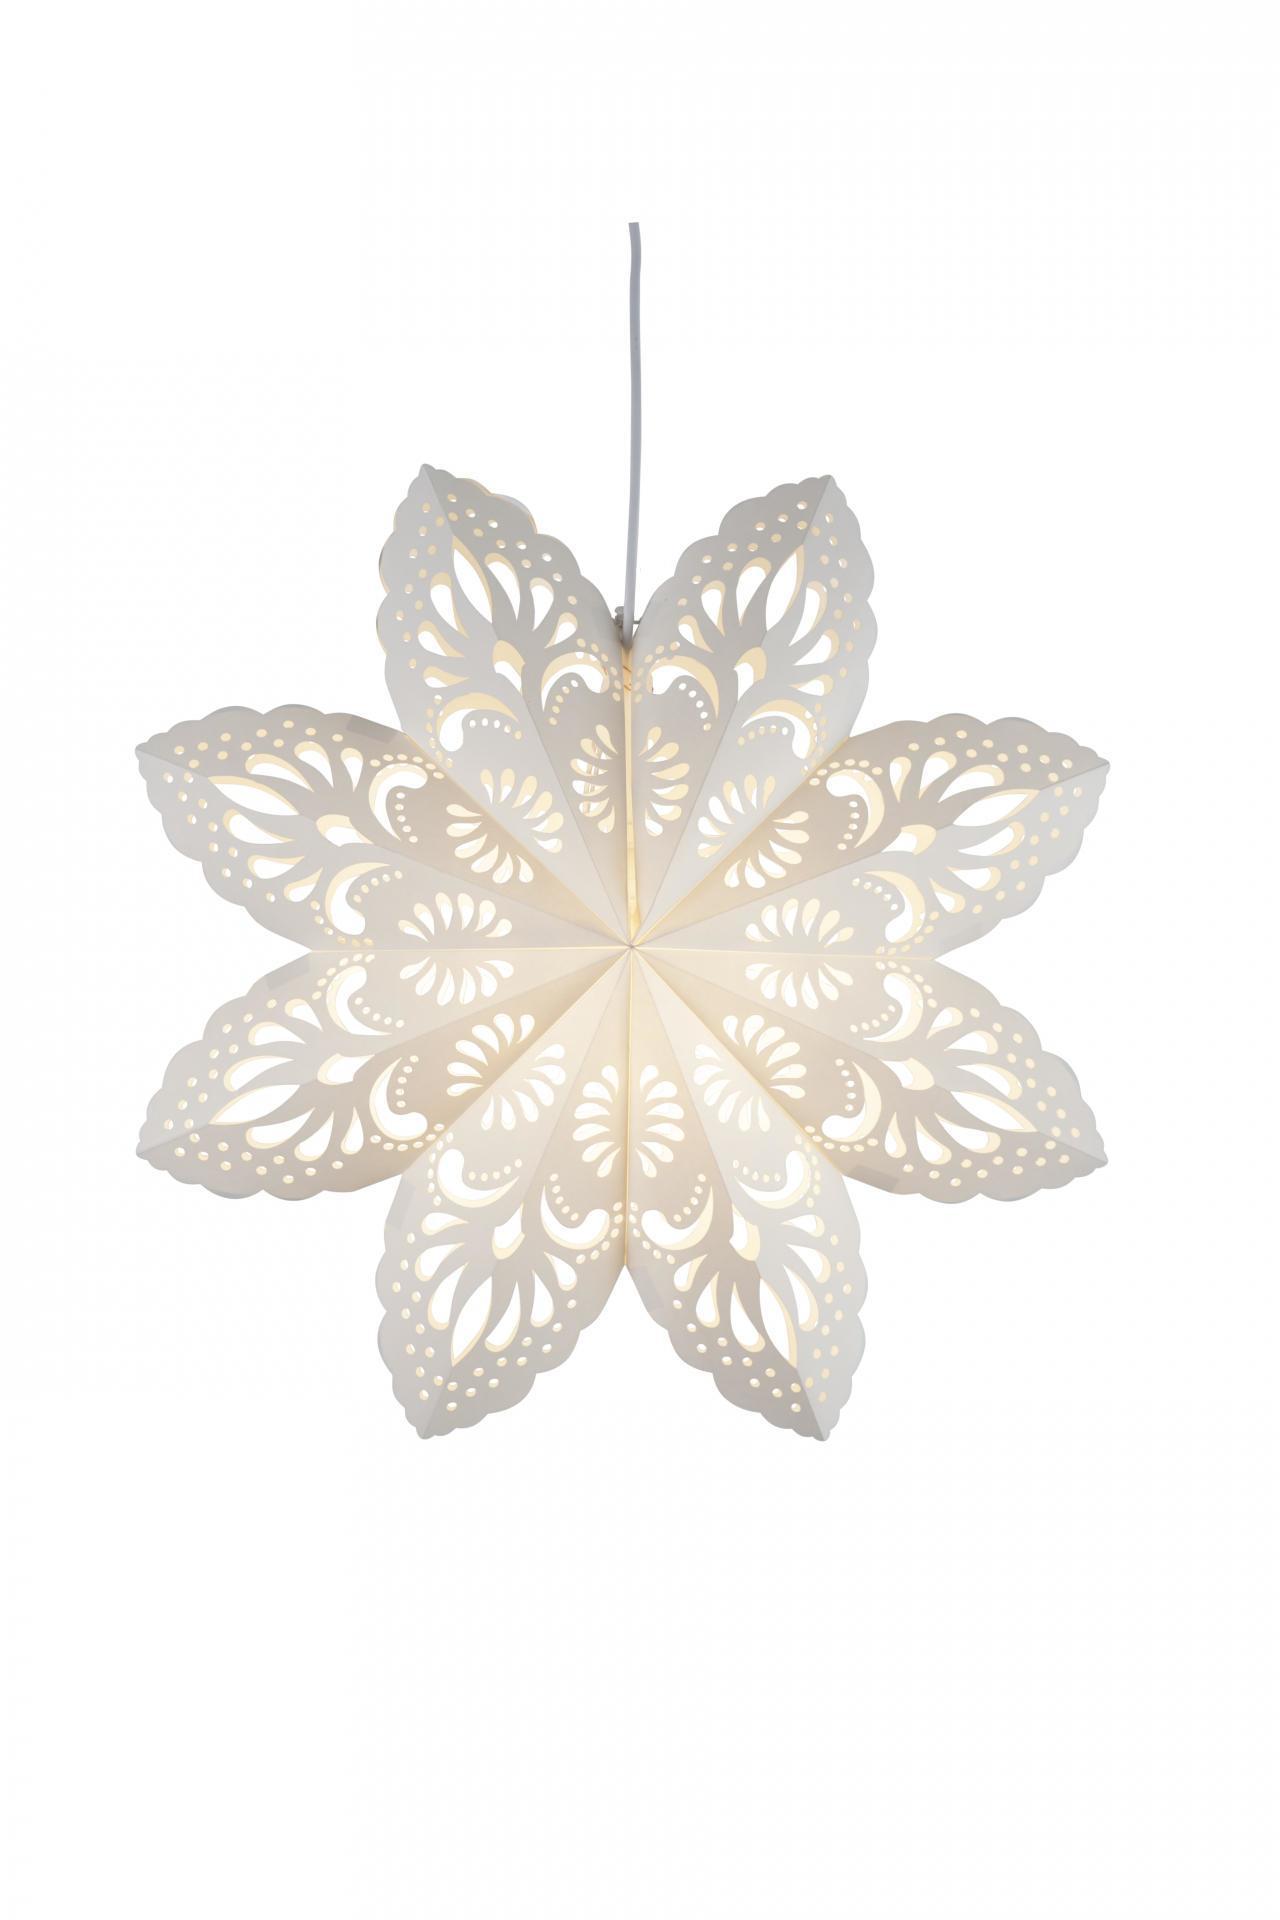 STAR TRADING Závěsná svítící hvězda Lovely White 55 cm, bílá barva, papír